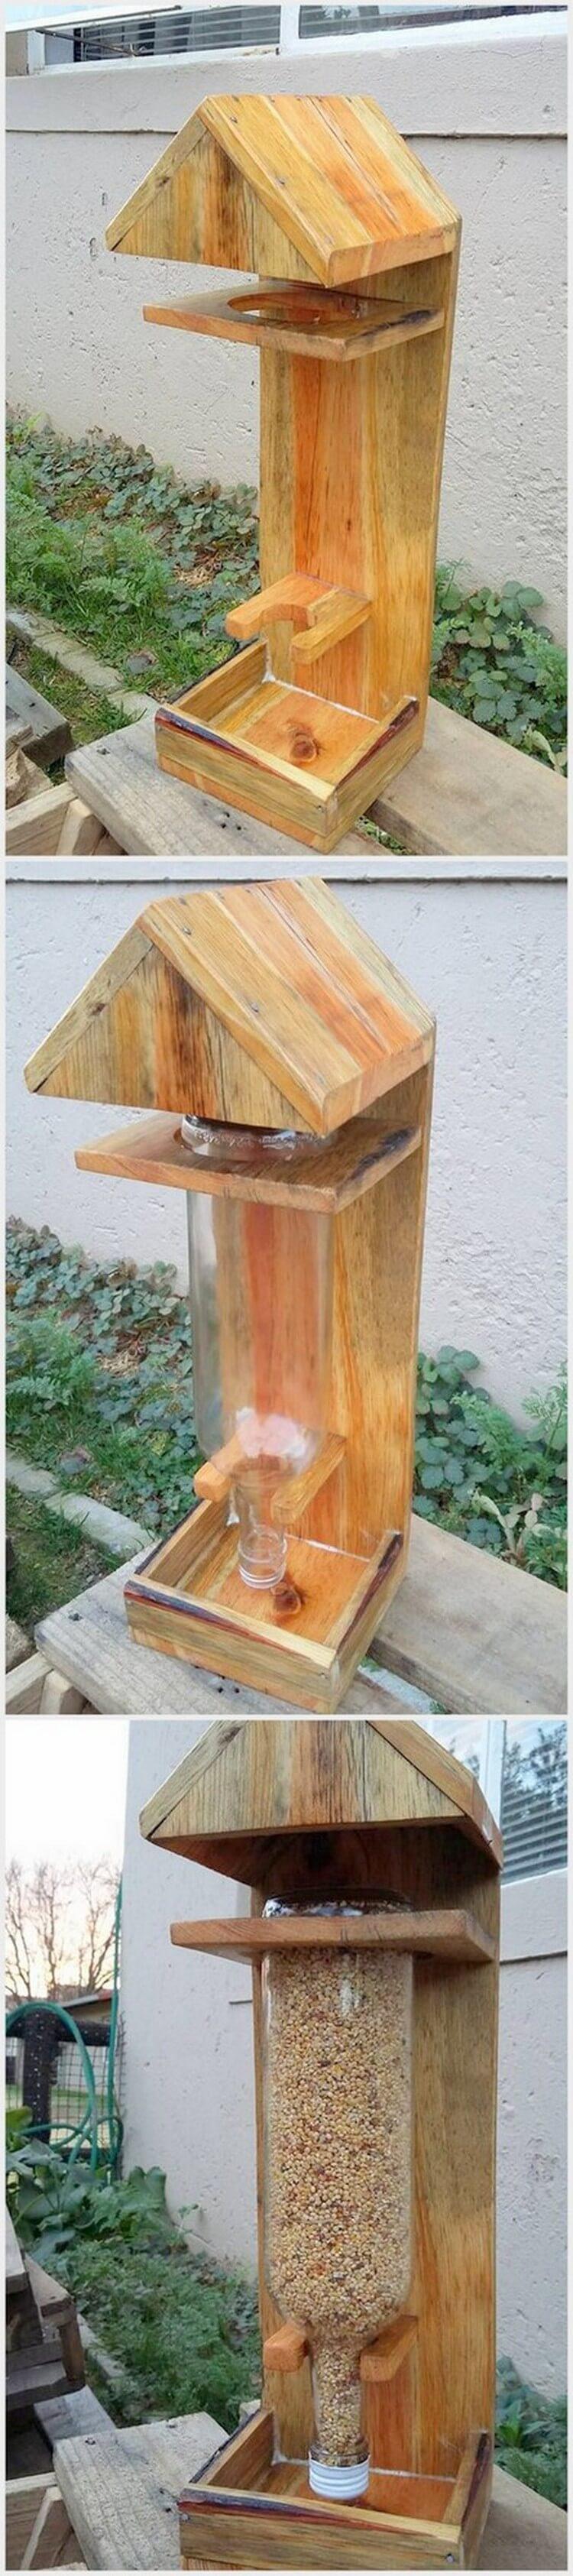 Pallet Bird Feeder Stand